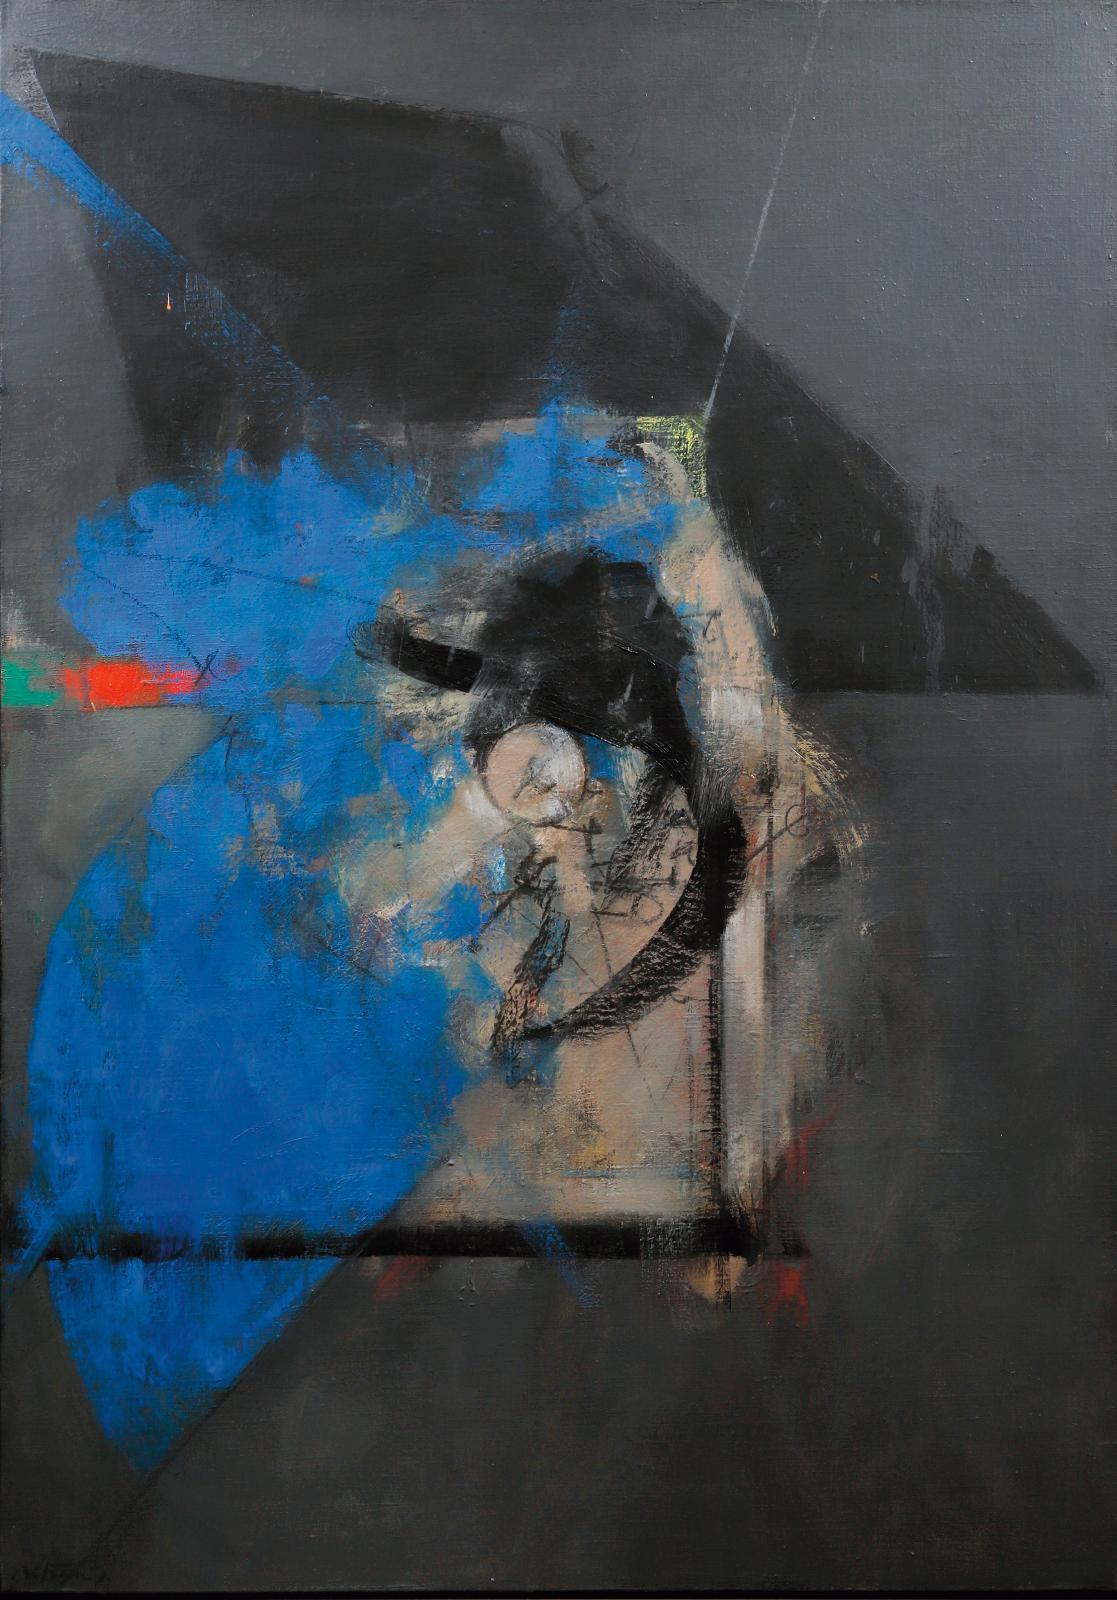 Albert Bitran (1929-2018), Dissonante verte, 1984-1986, huile sur toile, 92,5x65cm. Paris, Drouot, 2 avril 2021. L'Huillier & Associés